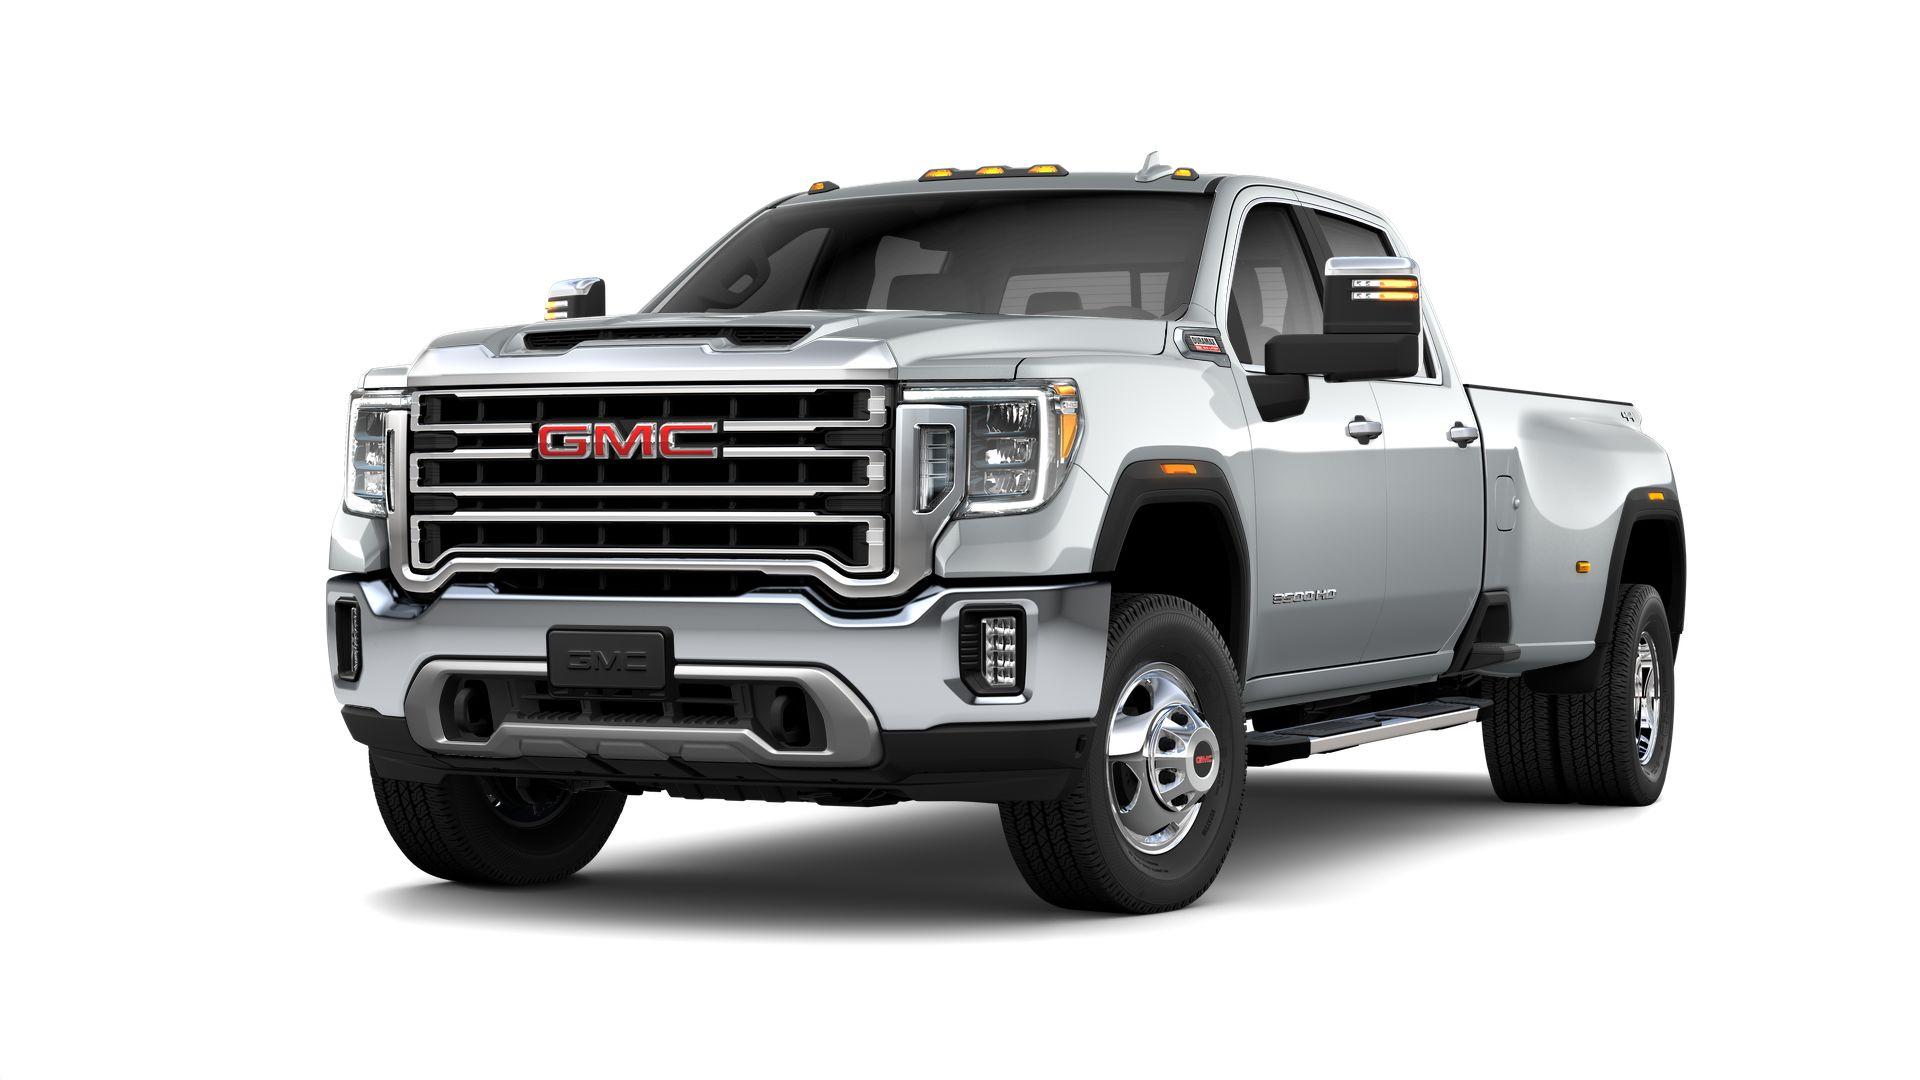 2022 GMC Sierra 3500 HD Truck